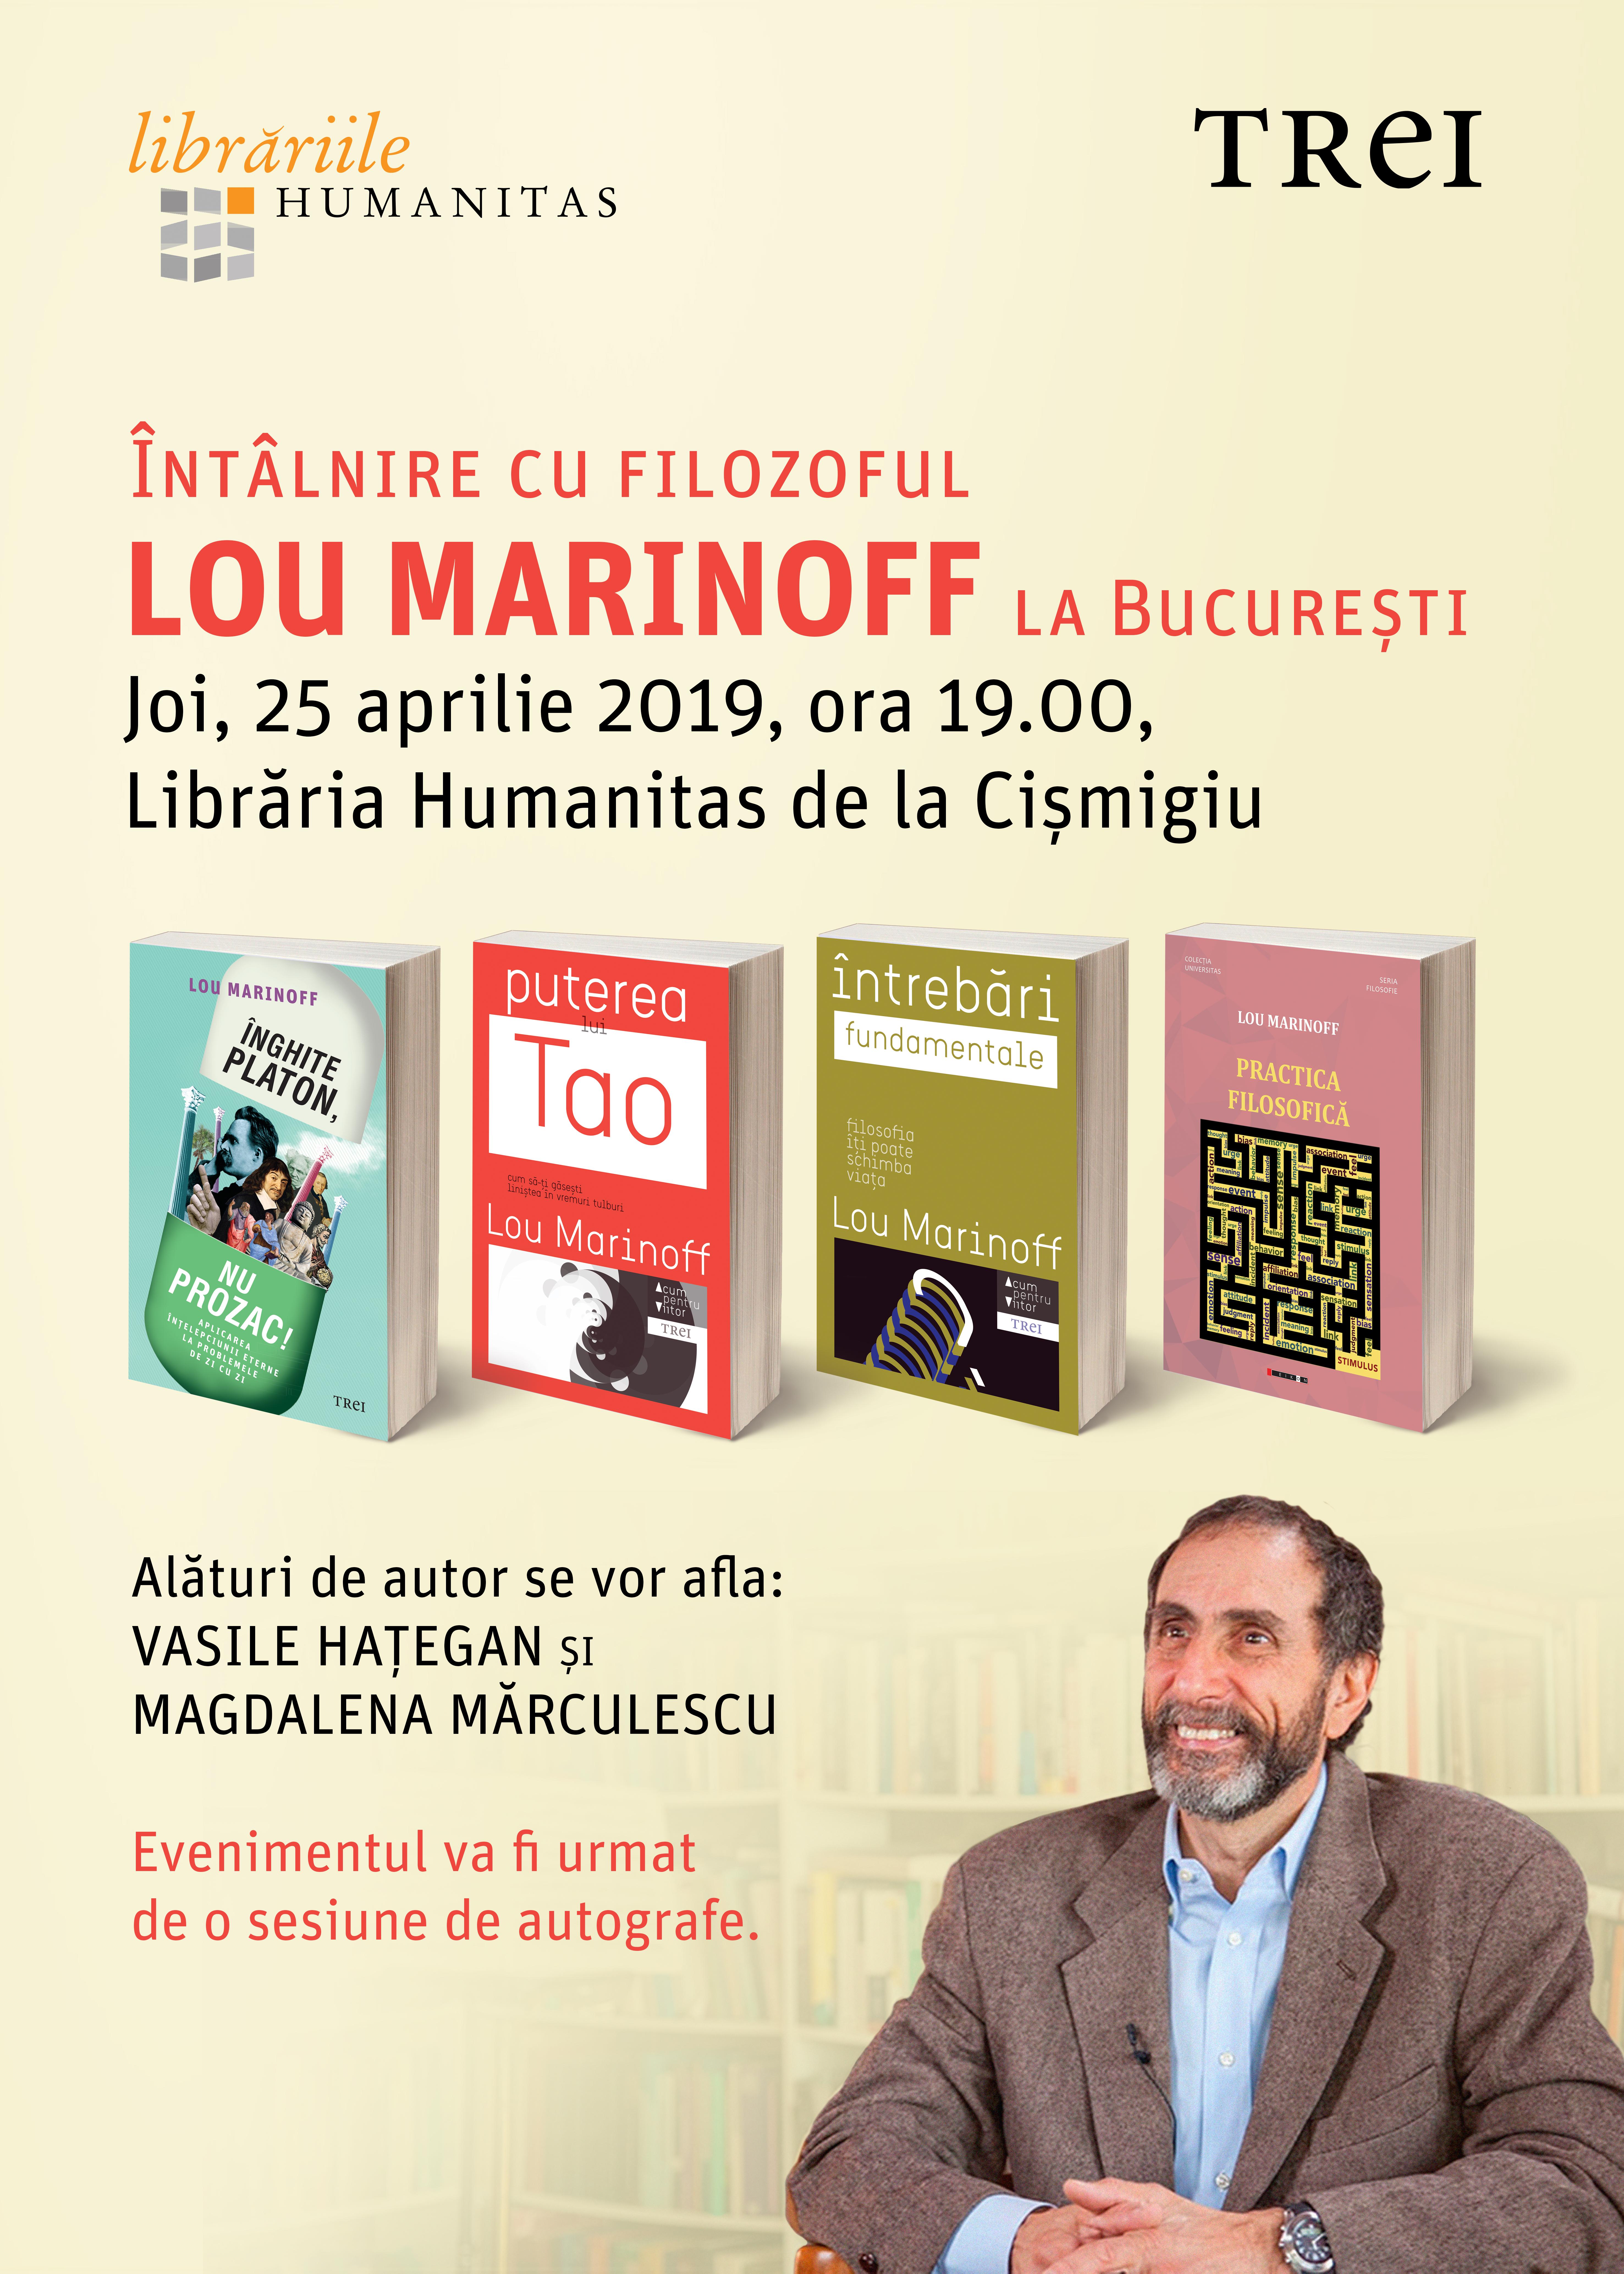 Filosoful MARINOFF vine la București